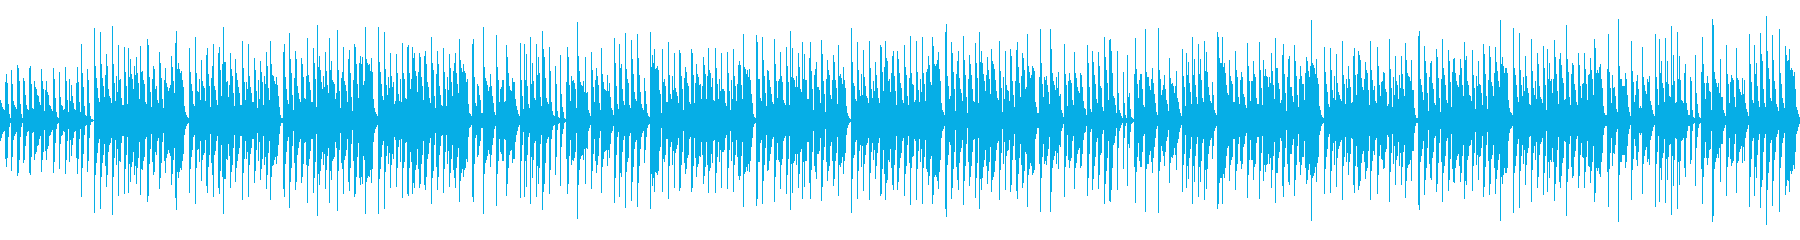 ほのぼの日常系のインストBGMの再生済みの波形